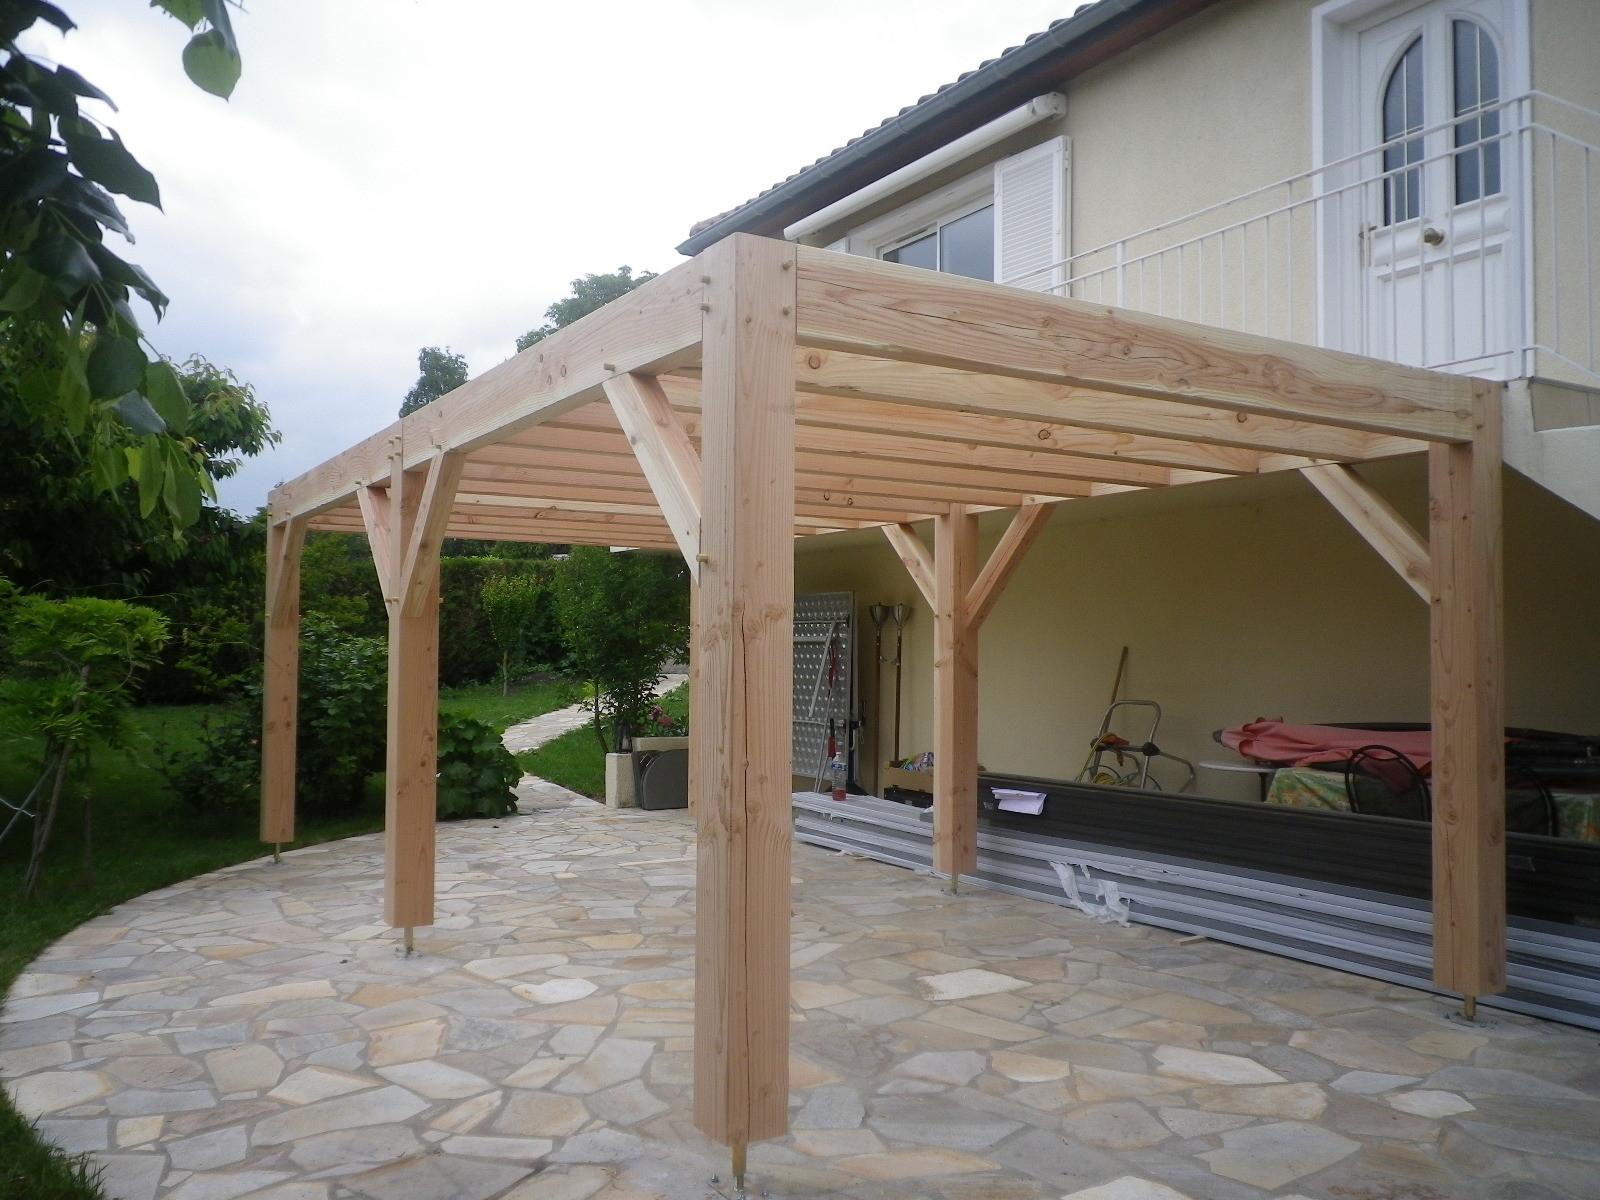 Abris Bois ,Clermont-Fd,Auvergne,63, - Castor Bois tout Construire Auvent De Terrasse En Bois